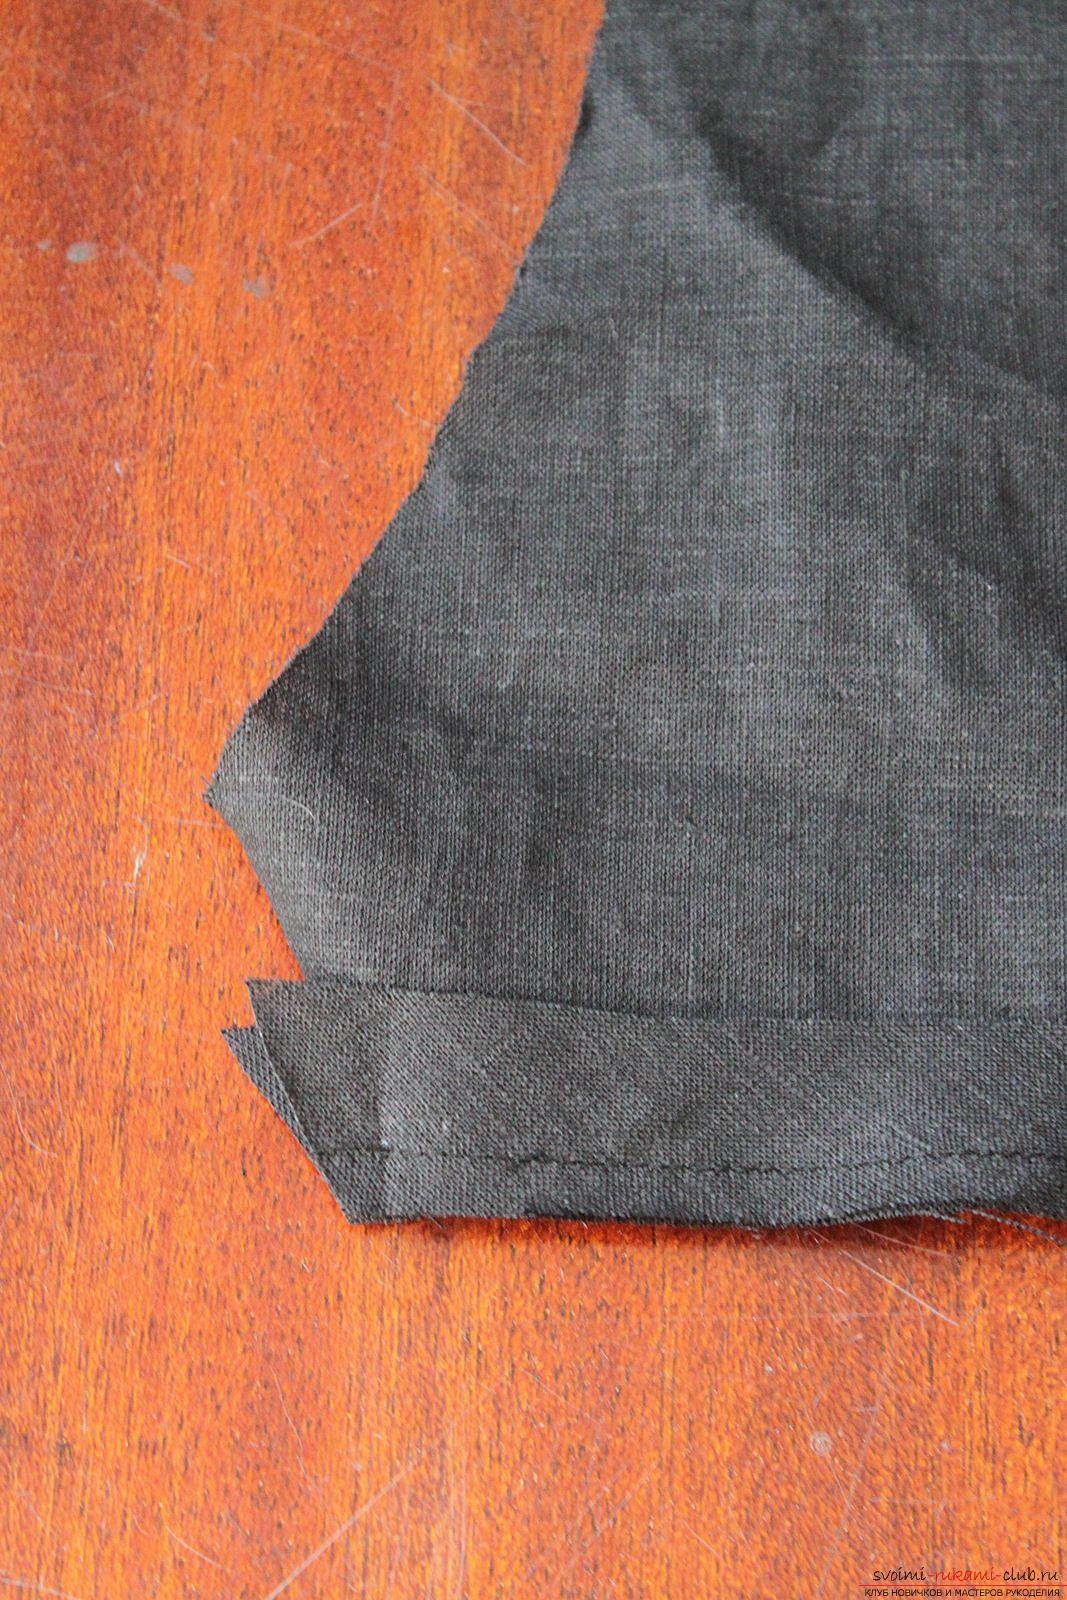 Этот подробный мастер-класс с фото и описанием научит как сшить своими руками платье из льна.. Фото №17